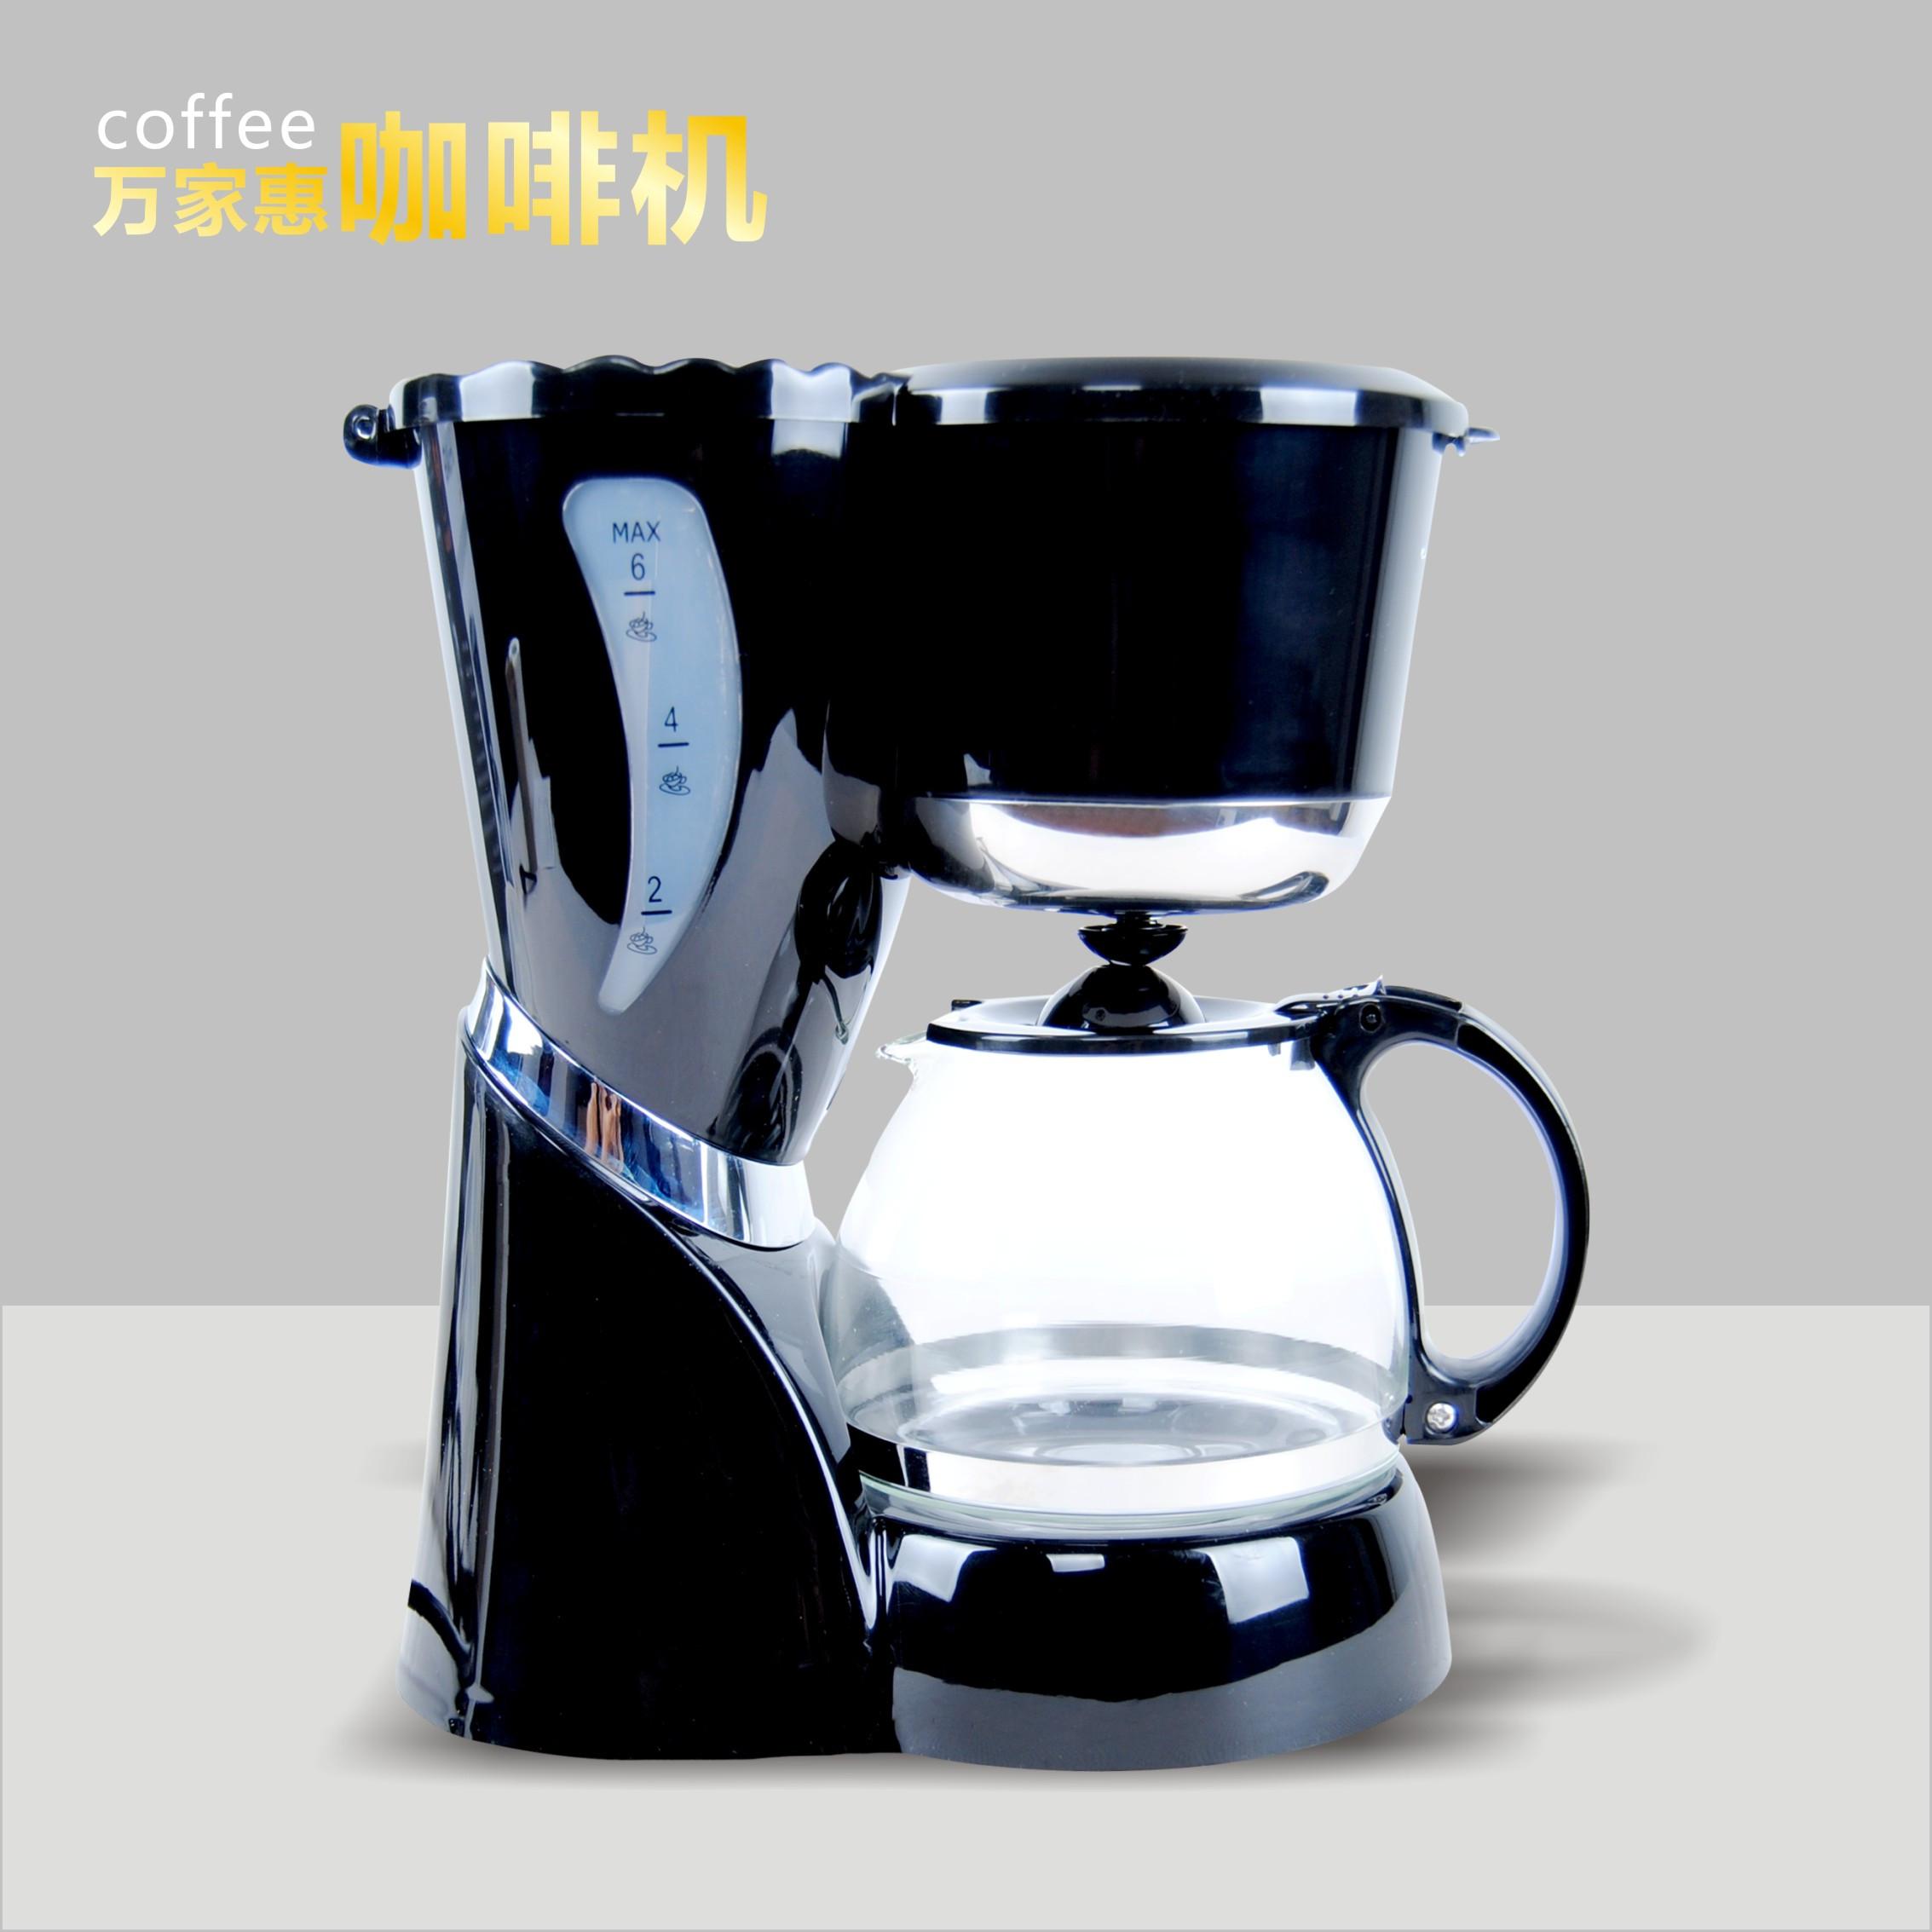 万家惠 黑色Macui/万家惠滴漏式美式全自动 CM1015-A咖啡机